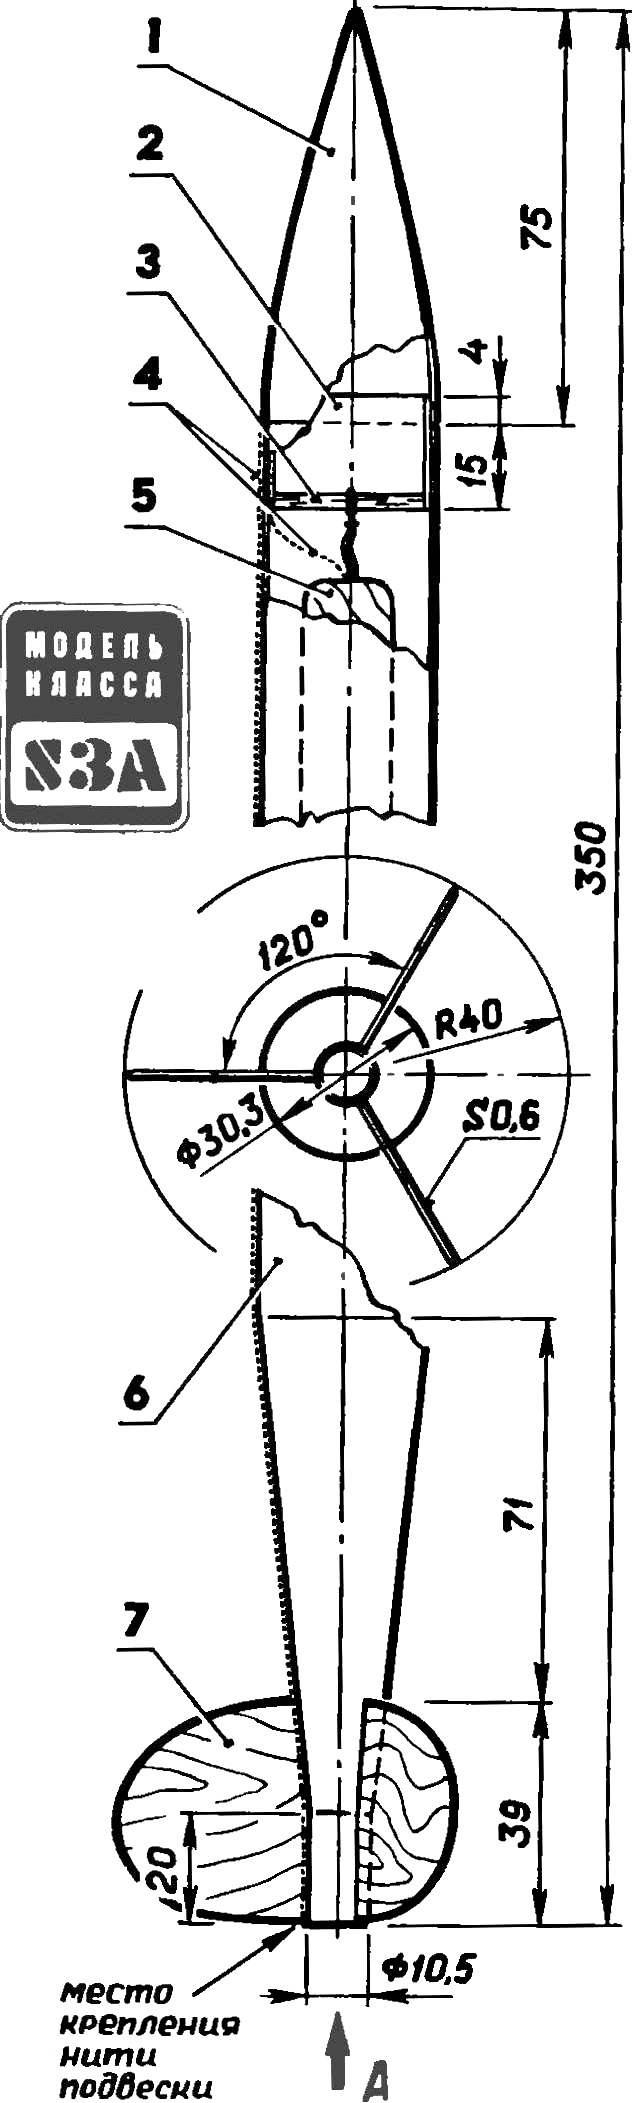 Модель ракеты класса S3A чемпиона мира 1990 года И. Шматова (СССР).